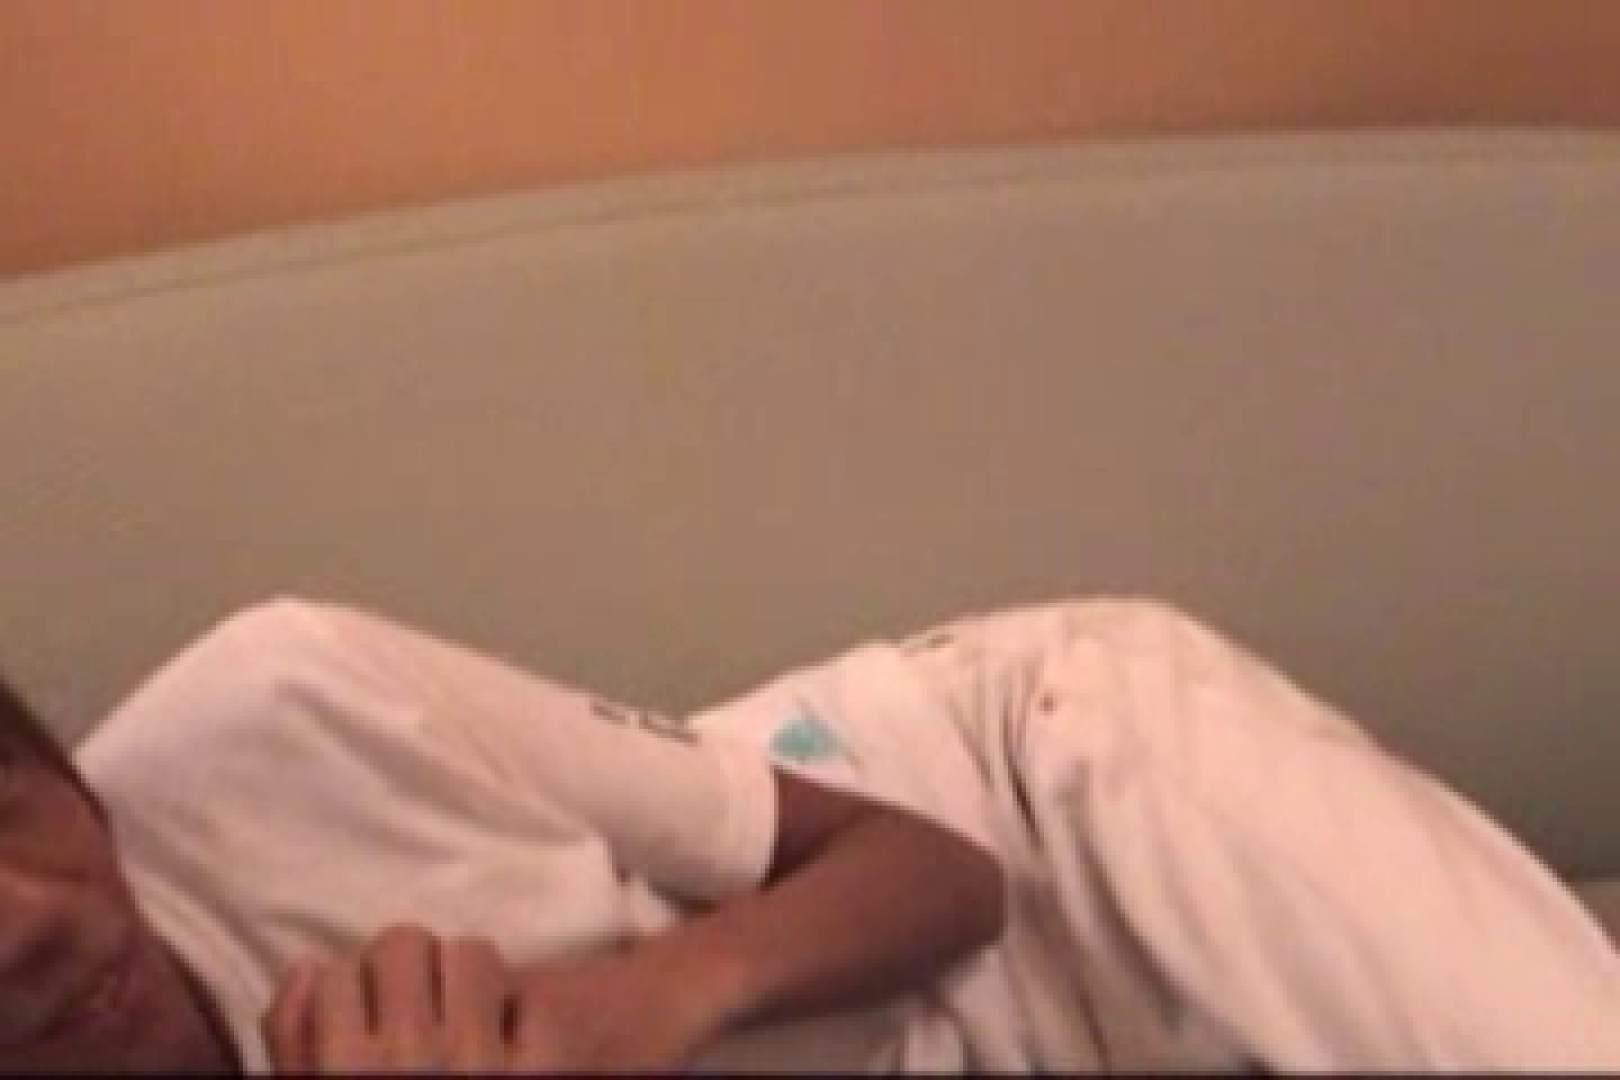 【流出】ジャニ系イケメン!!フライング&アナルが痛くて出来ません!! 入浴・シャワー覗き | フェラ最高 ゲイAV画像 9連発 2